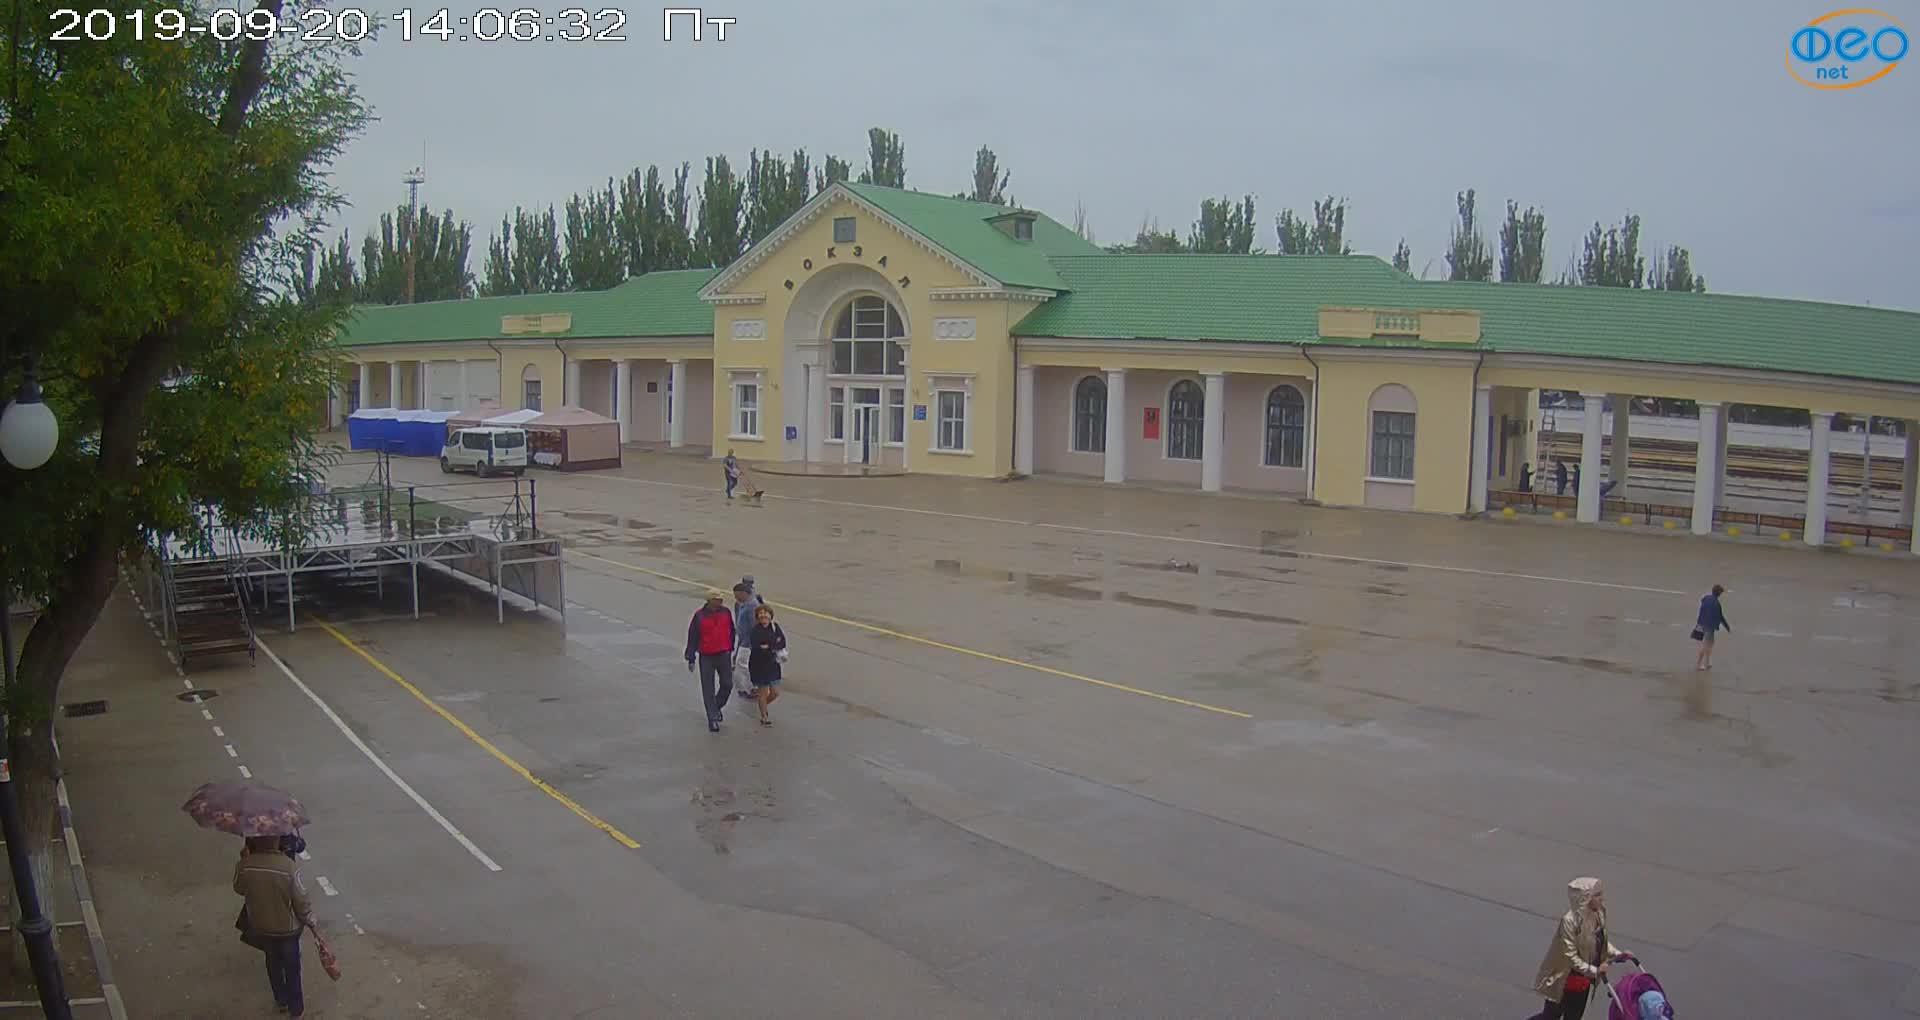 Веб-камеры Феодосии, Привокзальная площадь, 2019-09-20 14:23:08